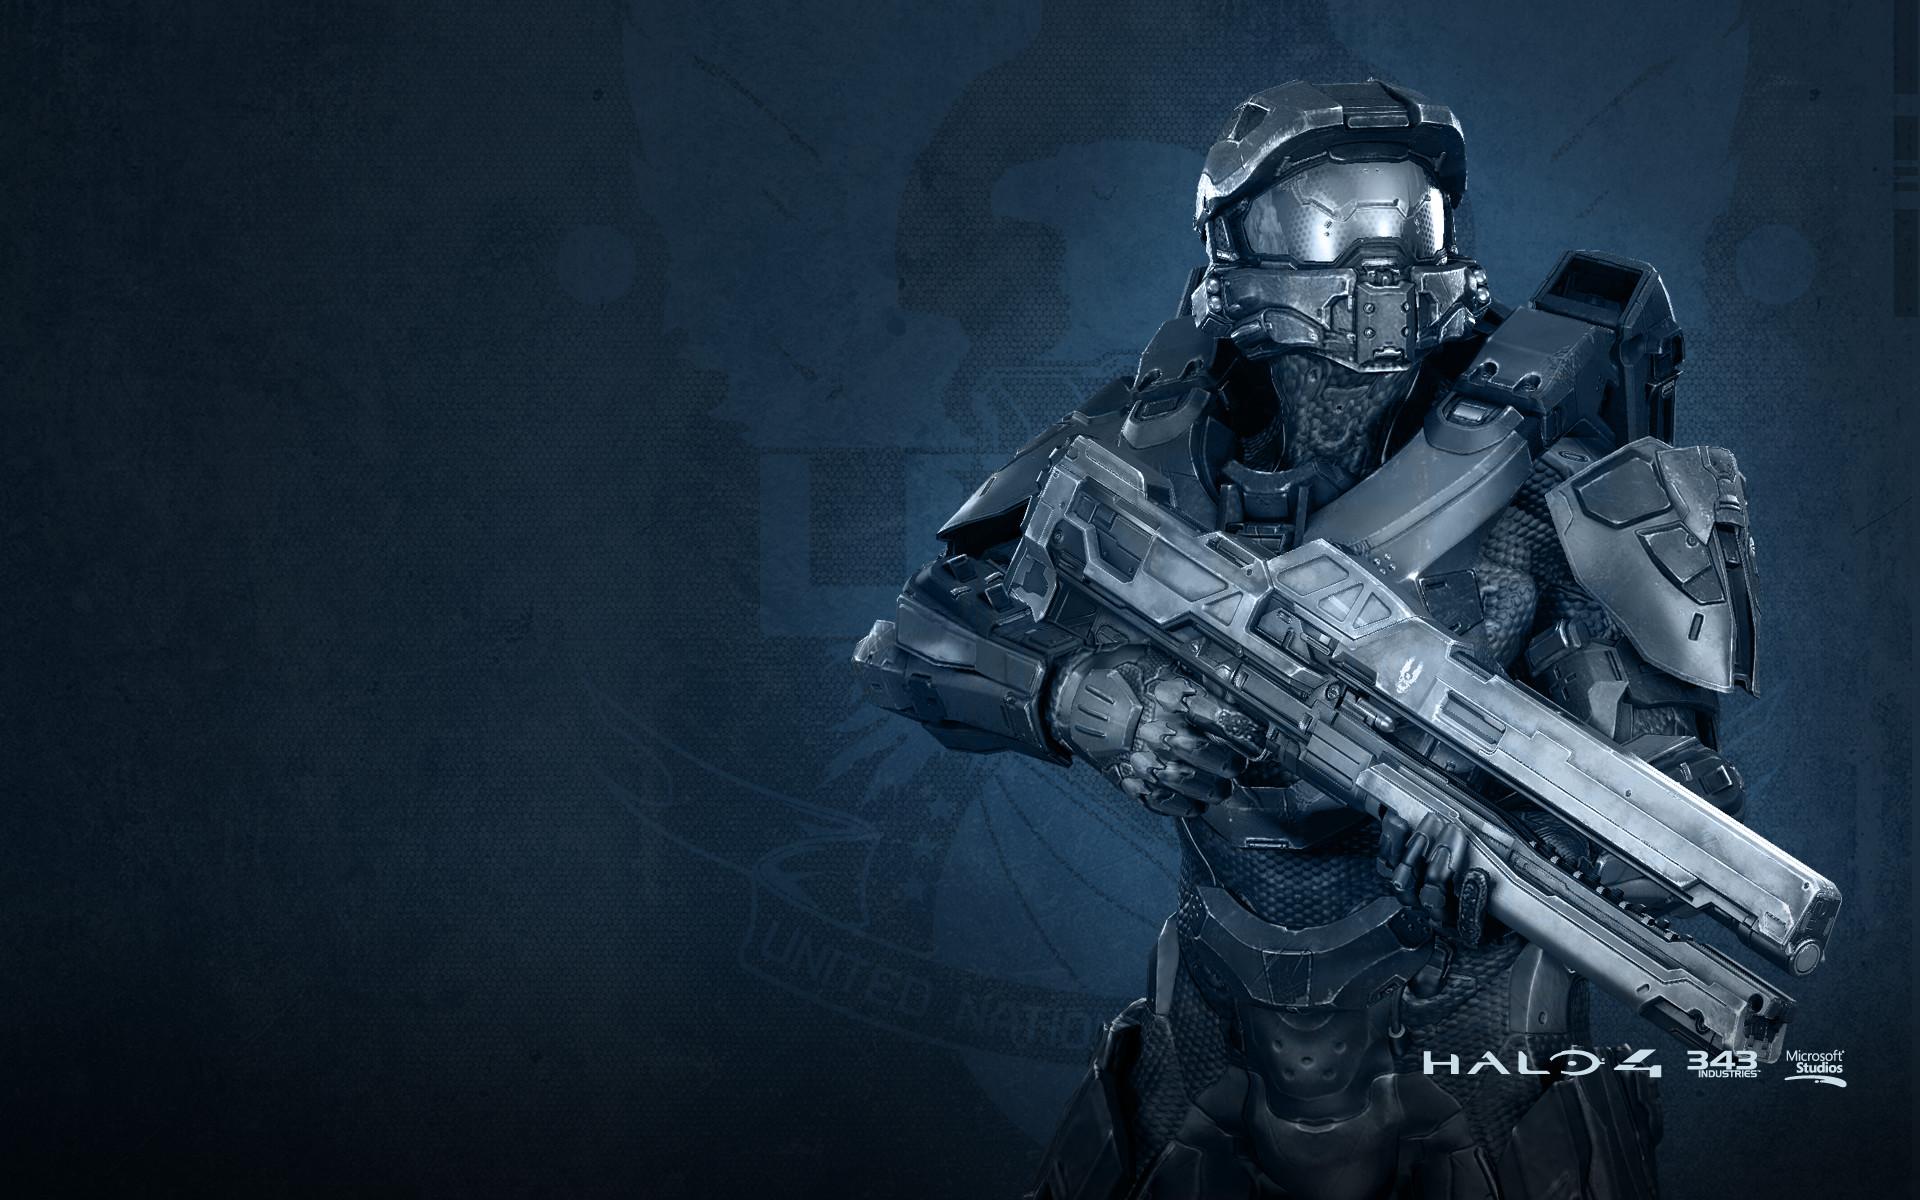 Halo 4 Widescreen Wallpaper